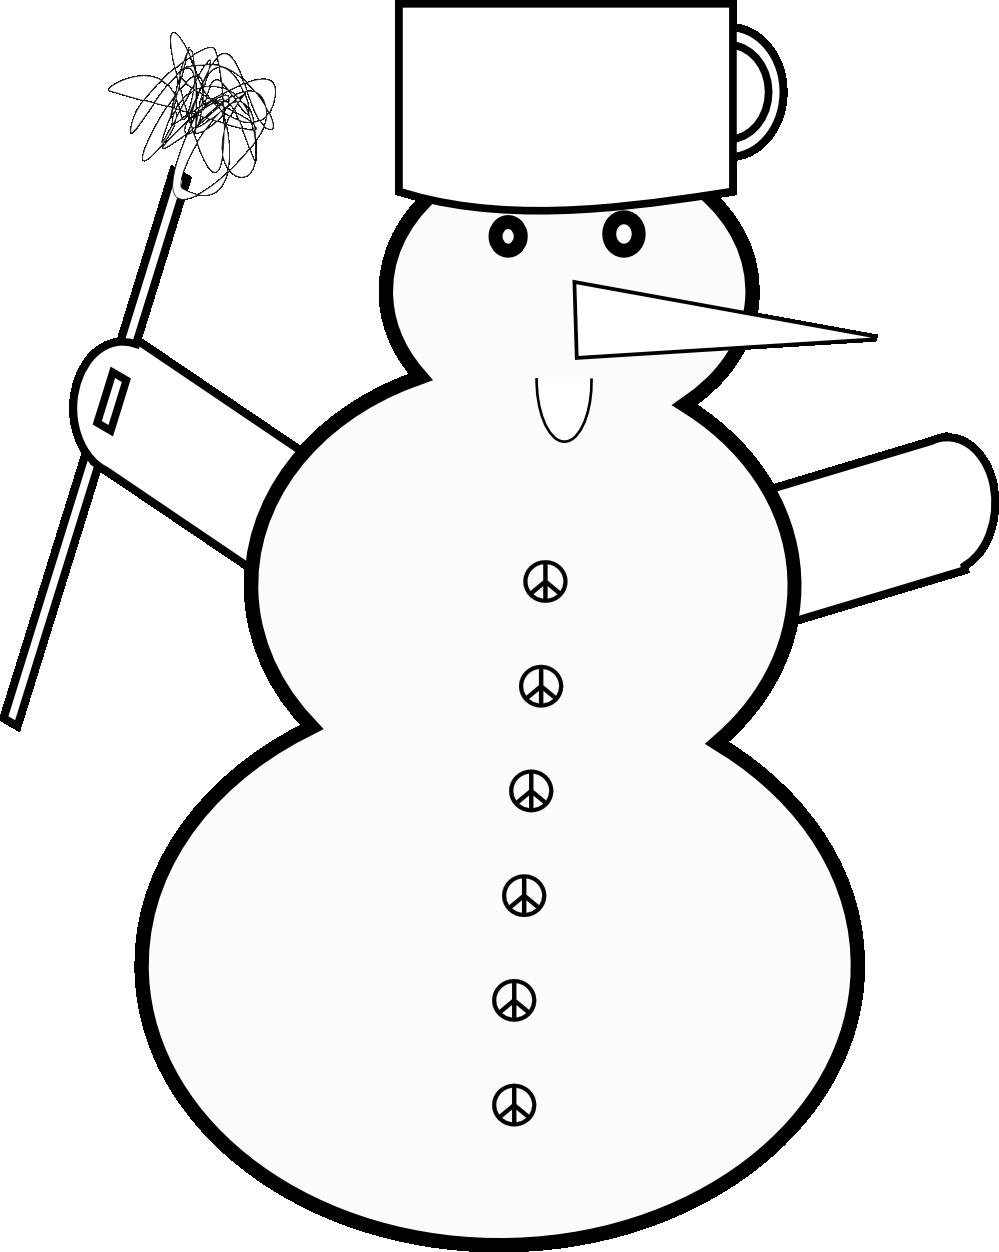 Snowman clipart elegant Snowman And Cliparts Elegant Elegant